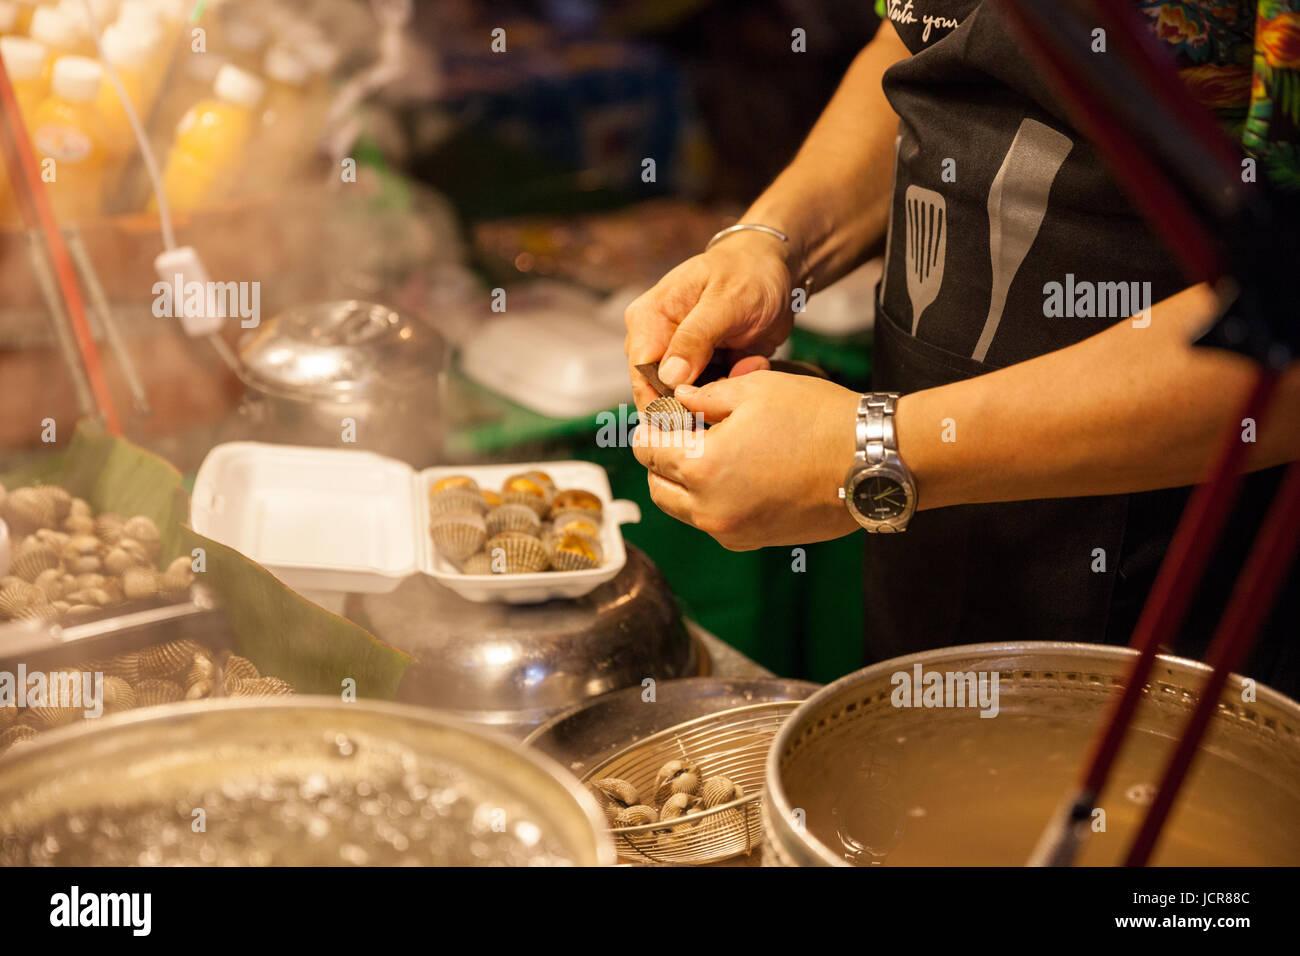 CHIANG MAI, Thailandia - 27 agosto: Uomo preparare le vongole in vendita al mercato di domenica (walking street) Foto Stock